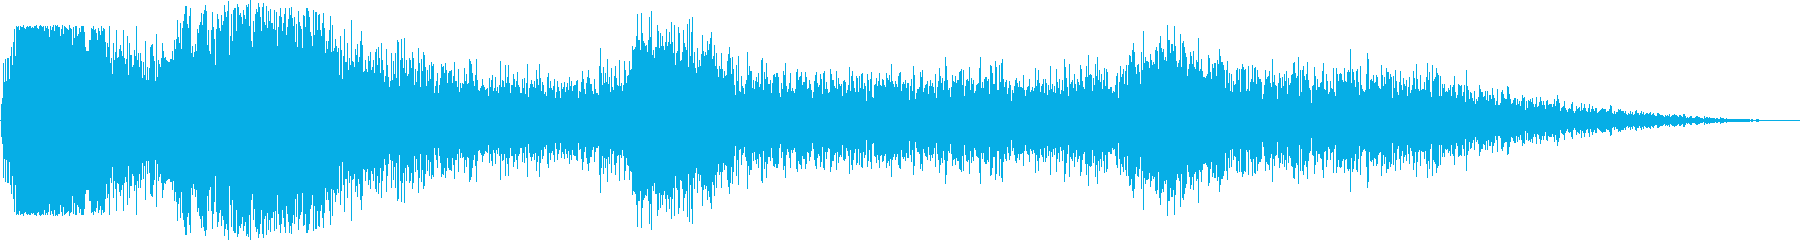 火の玉バーストとRo音の背景構造の...の再生済みの波形